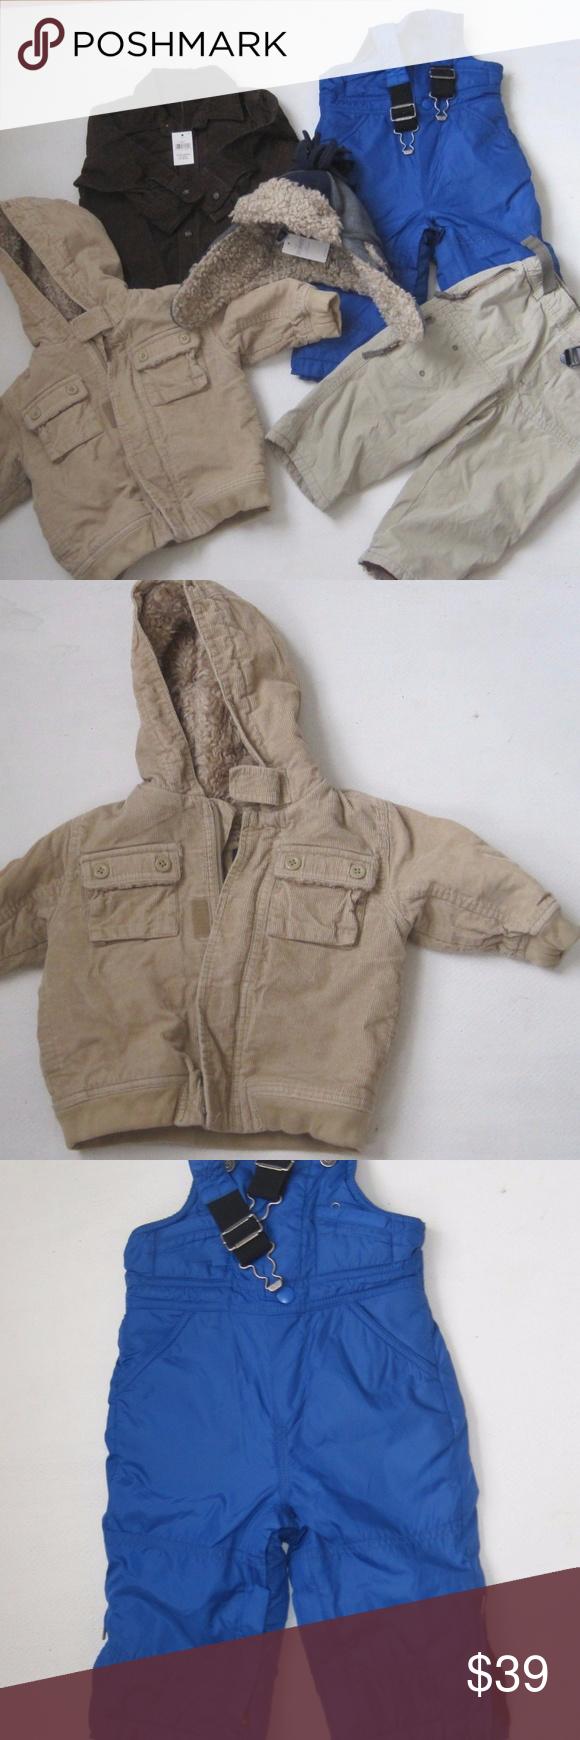 f9716a404a86 Baby GAP Boys Set 12 - 24 M Pants Jacket Shirt Hat